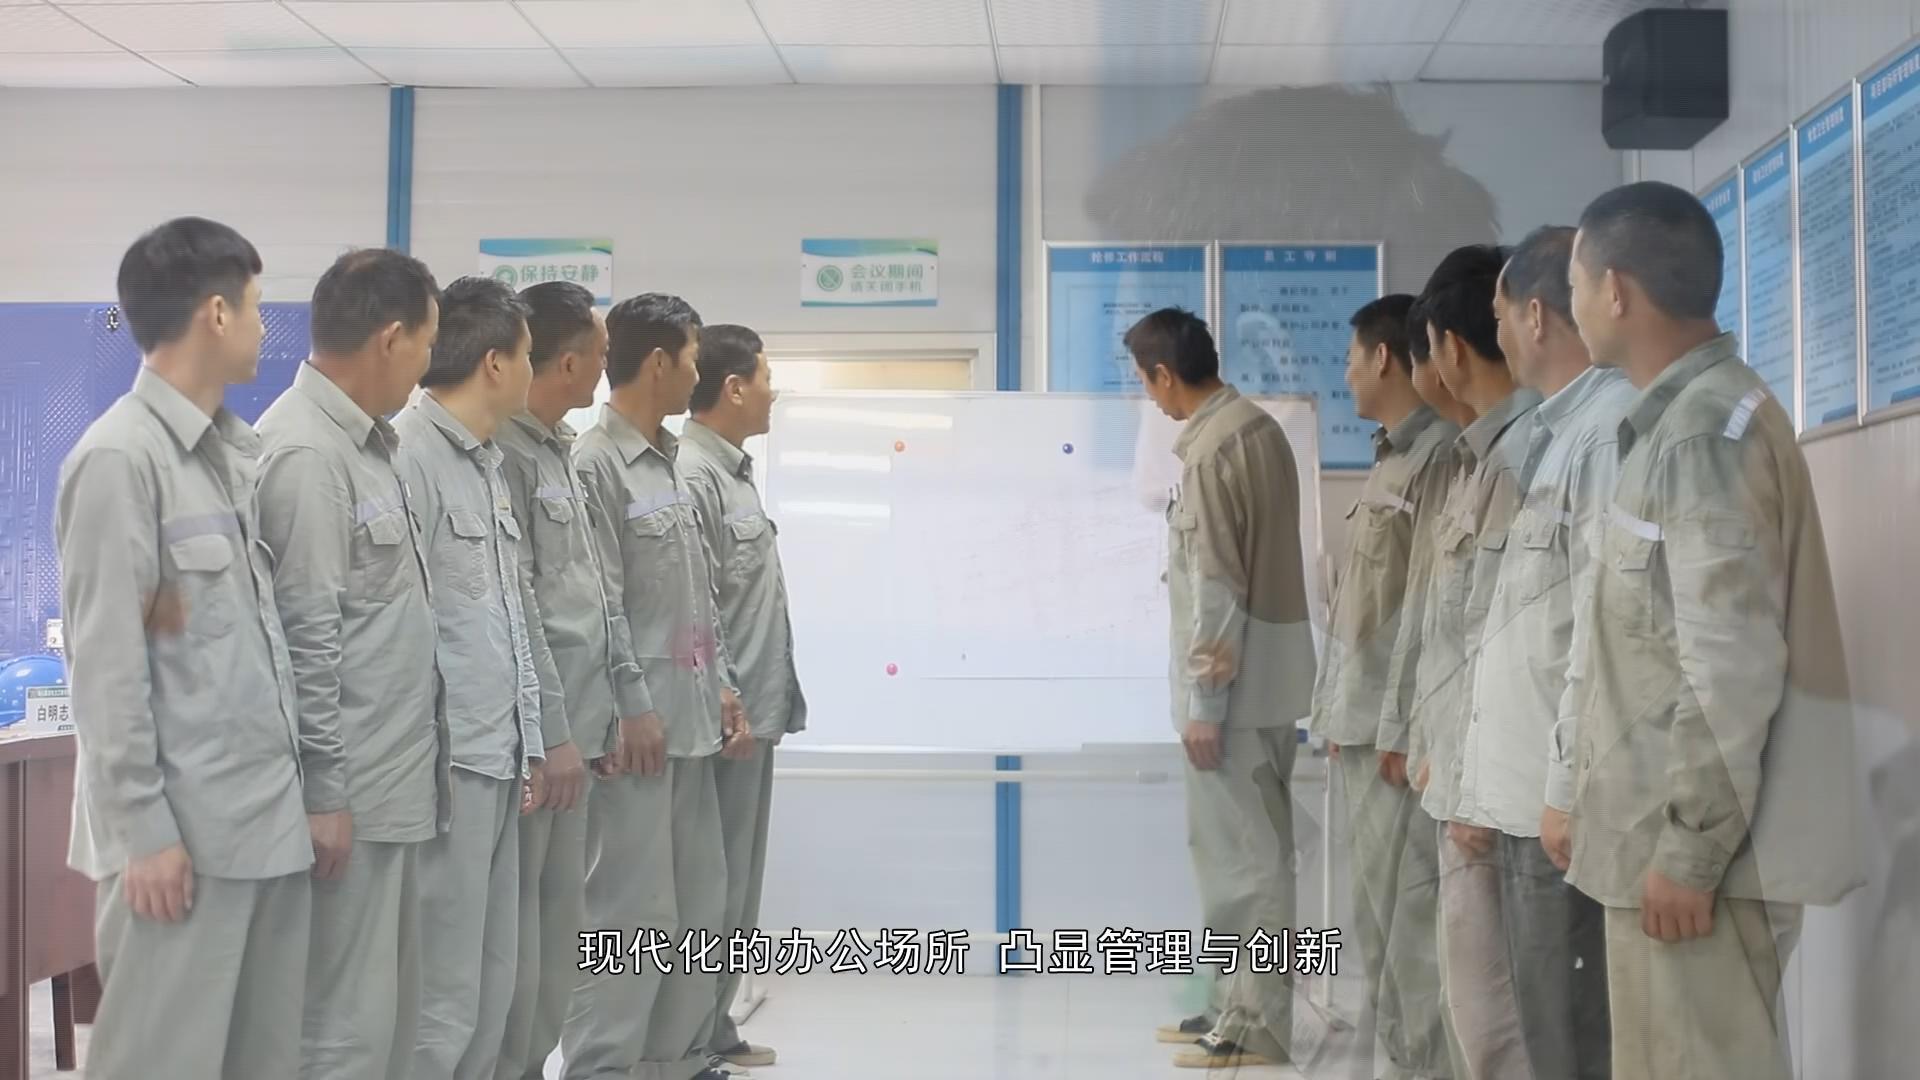 精选照片-04.28馨源电力工程_20190505135436